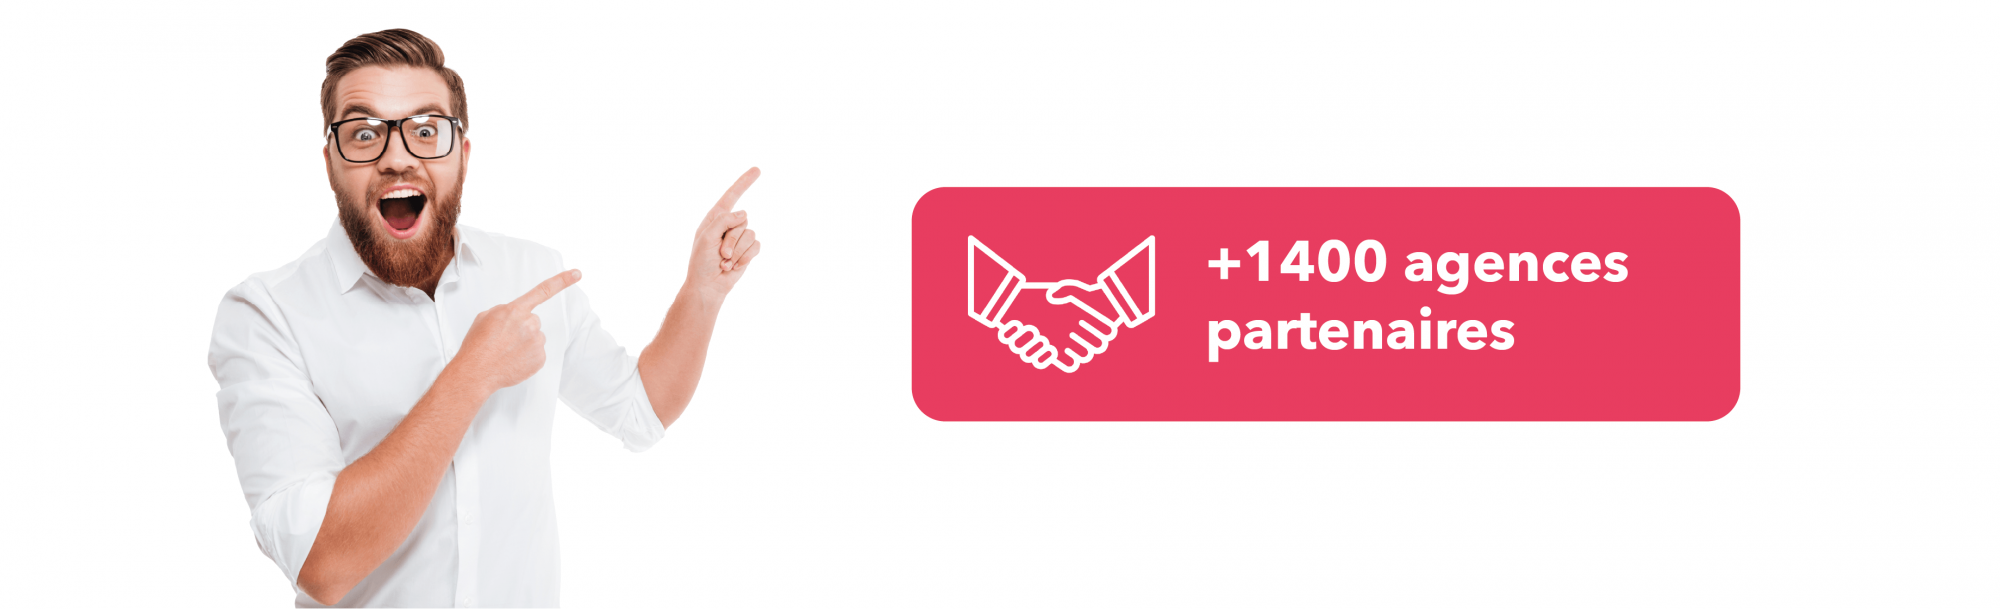 agences-partenaires